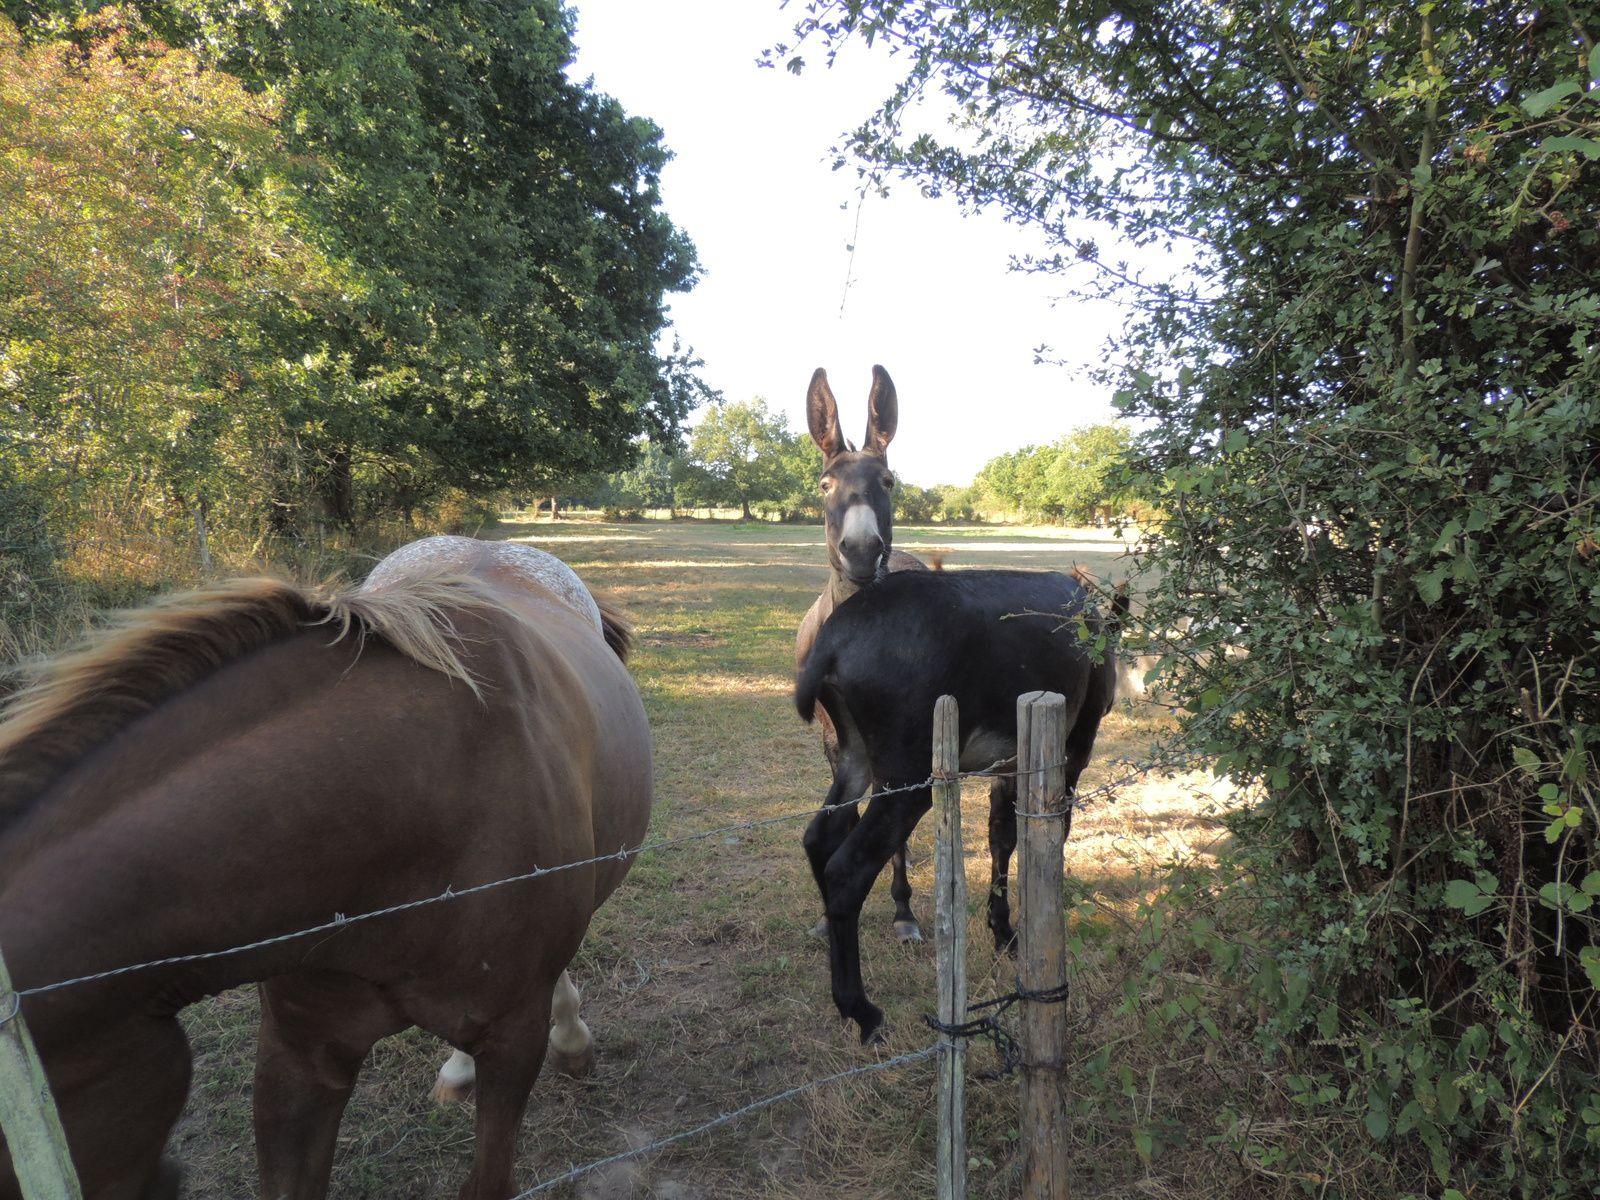 Ane et chevaux en co patûrage. Image soumise à droits d'auteurs. Techniques d'élevage 2014